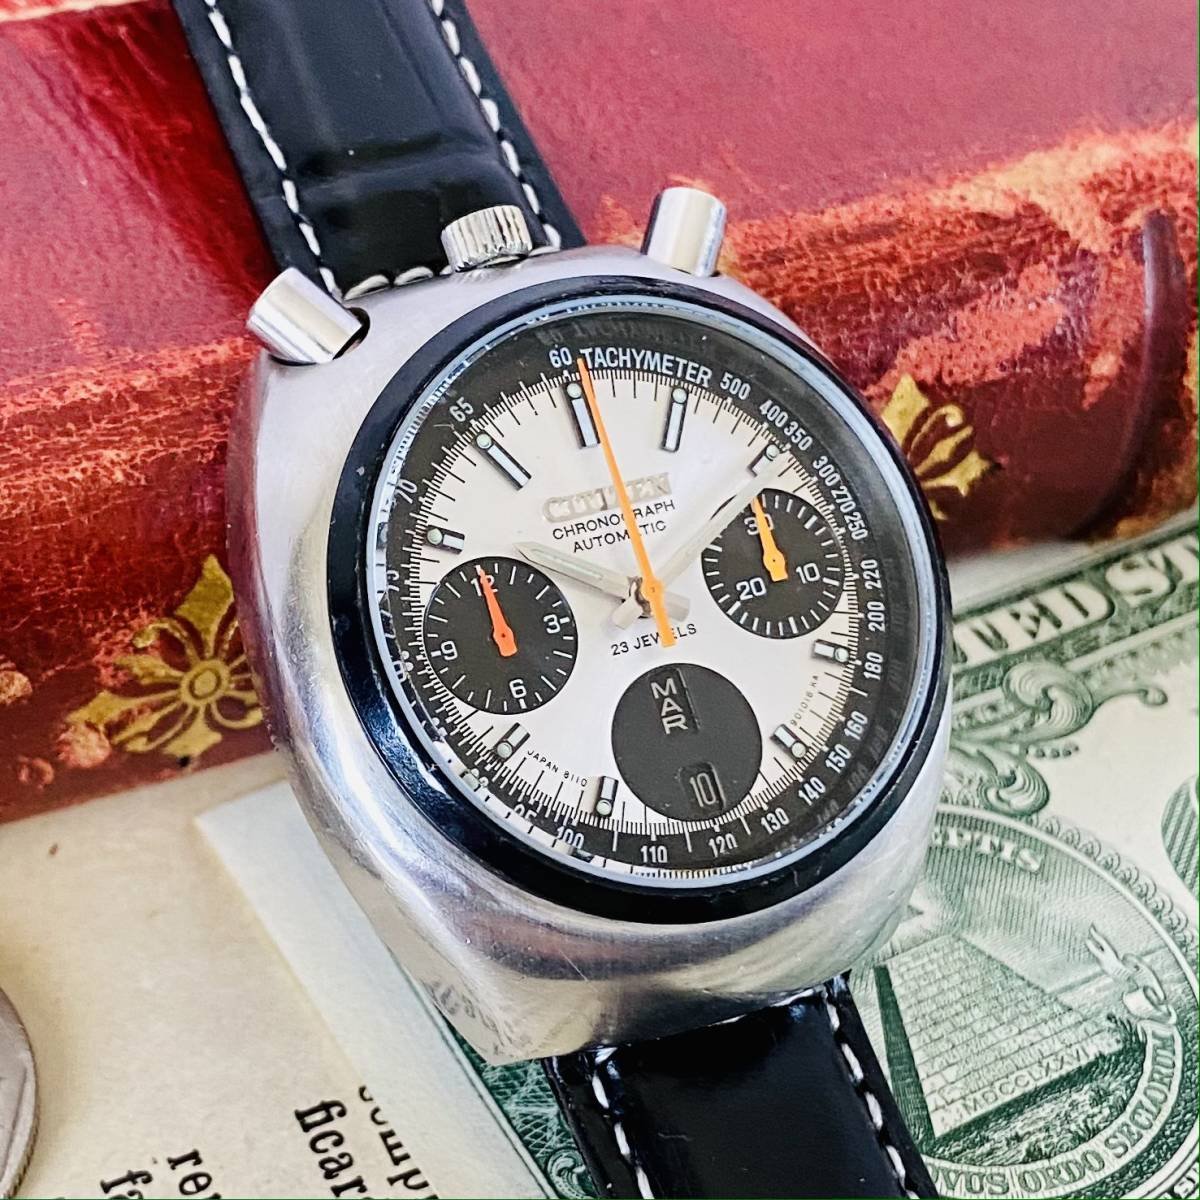 【高級腕時計 シチズン】CITIZEN 8110A クロノグラフ 自動巻 1979年 デイデイト ツノ メンズ レディース アナログ パンダ チャレンジ_画像2